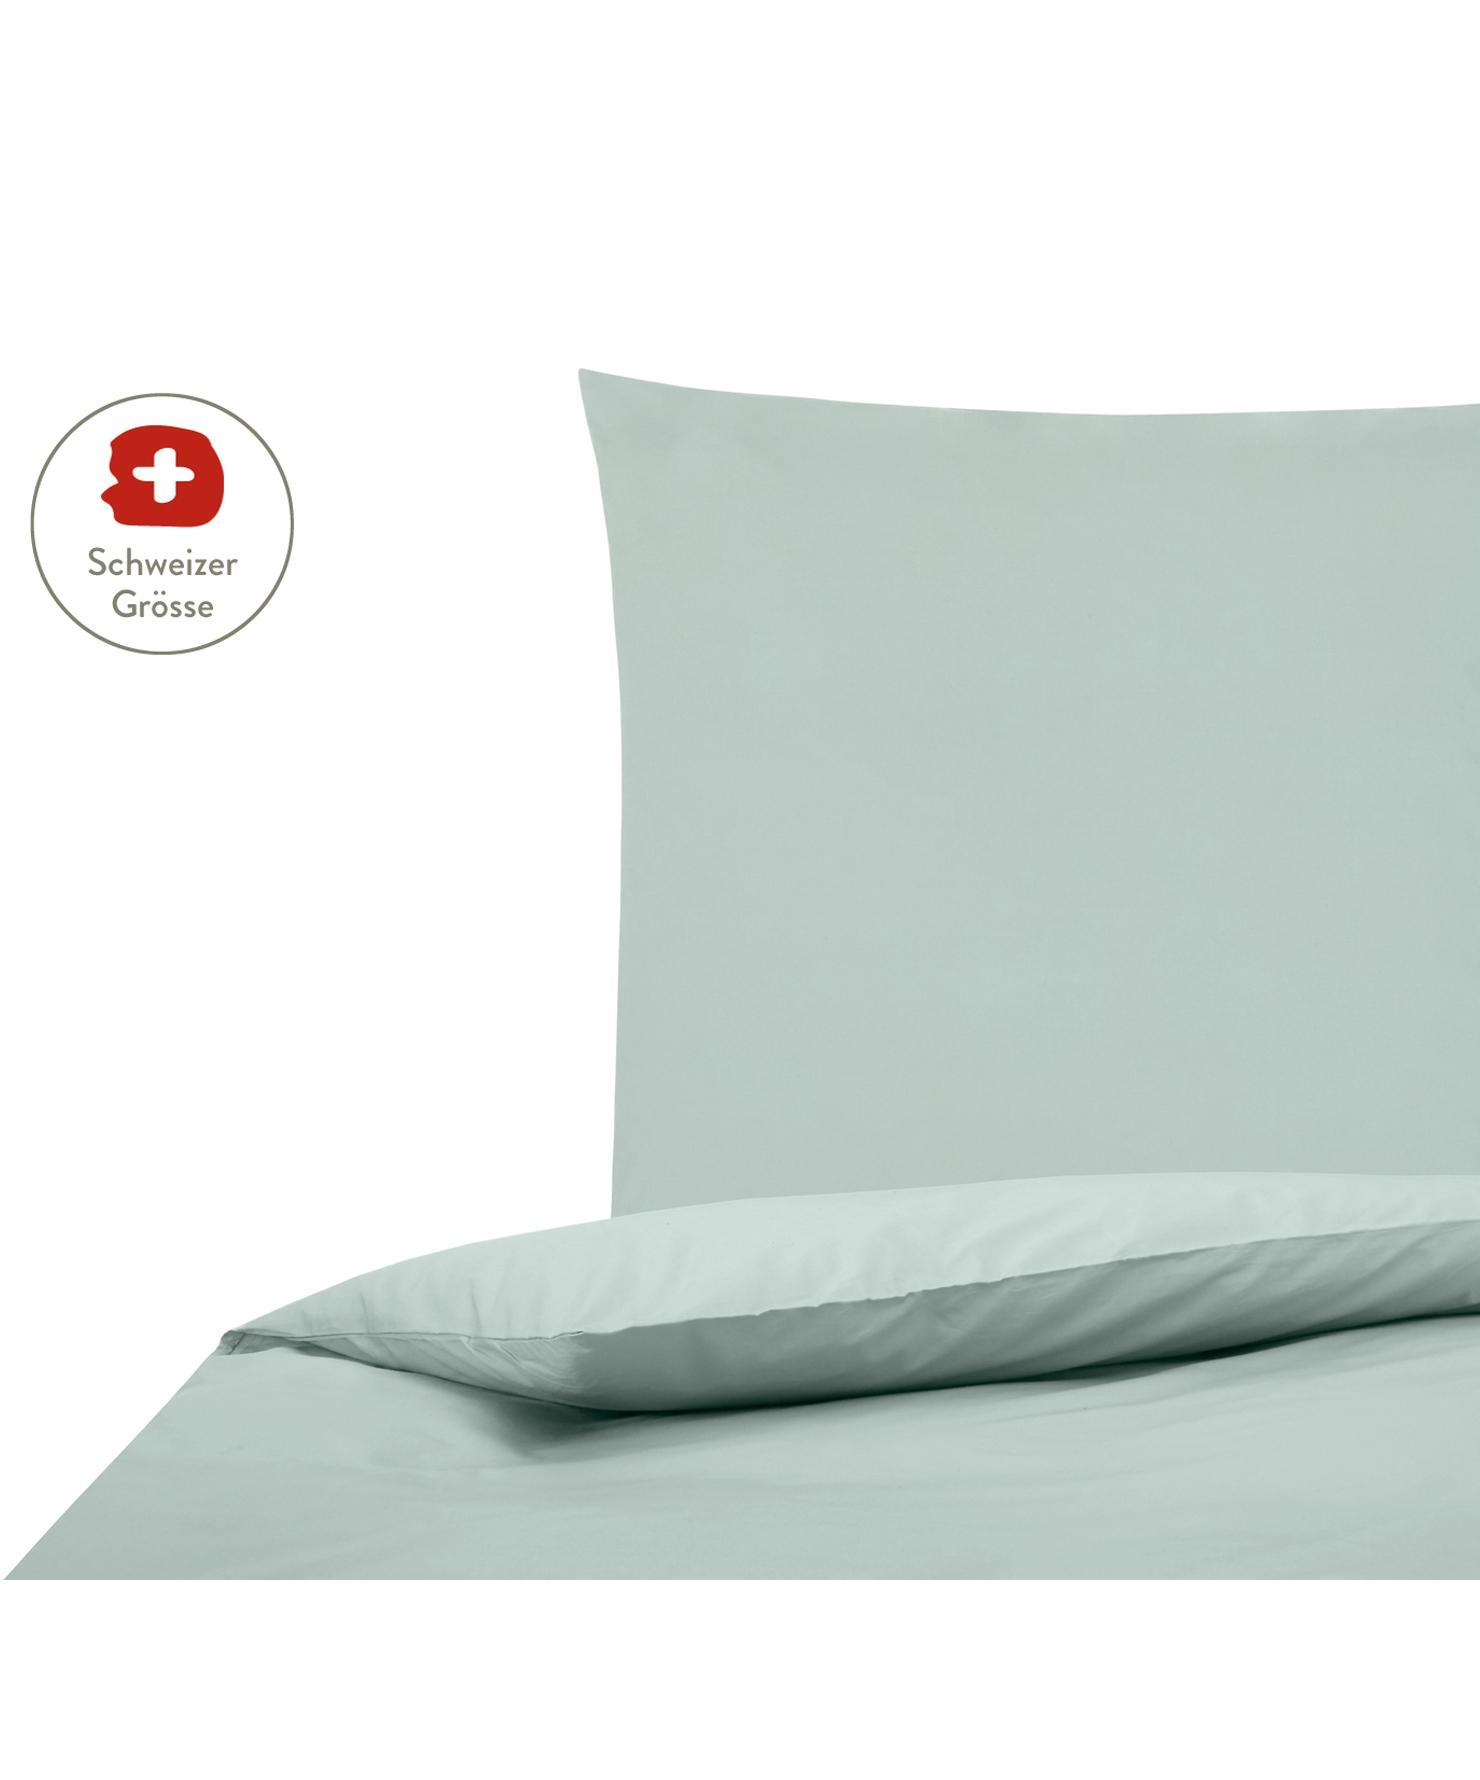 Baumwollperkal-Bettdeckenbezug Elsie in Salbeigrün, Webart: Perkal Fadendichte 200 TC, Salbeigrün, 160 x 210 cm